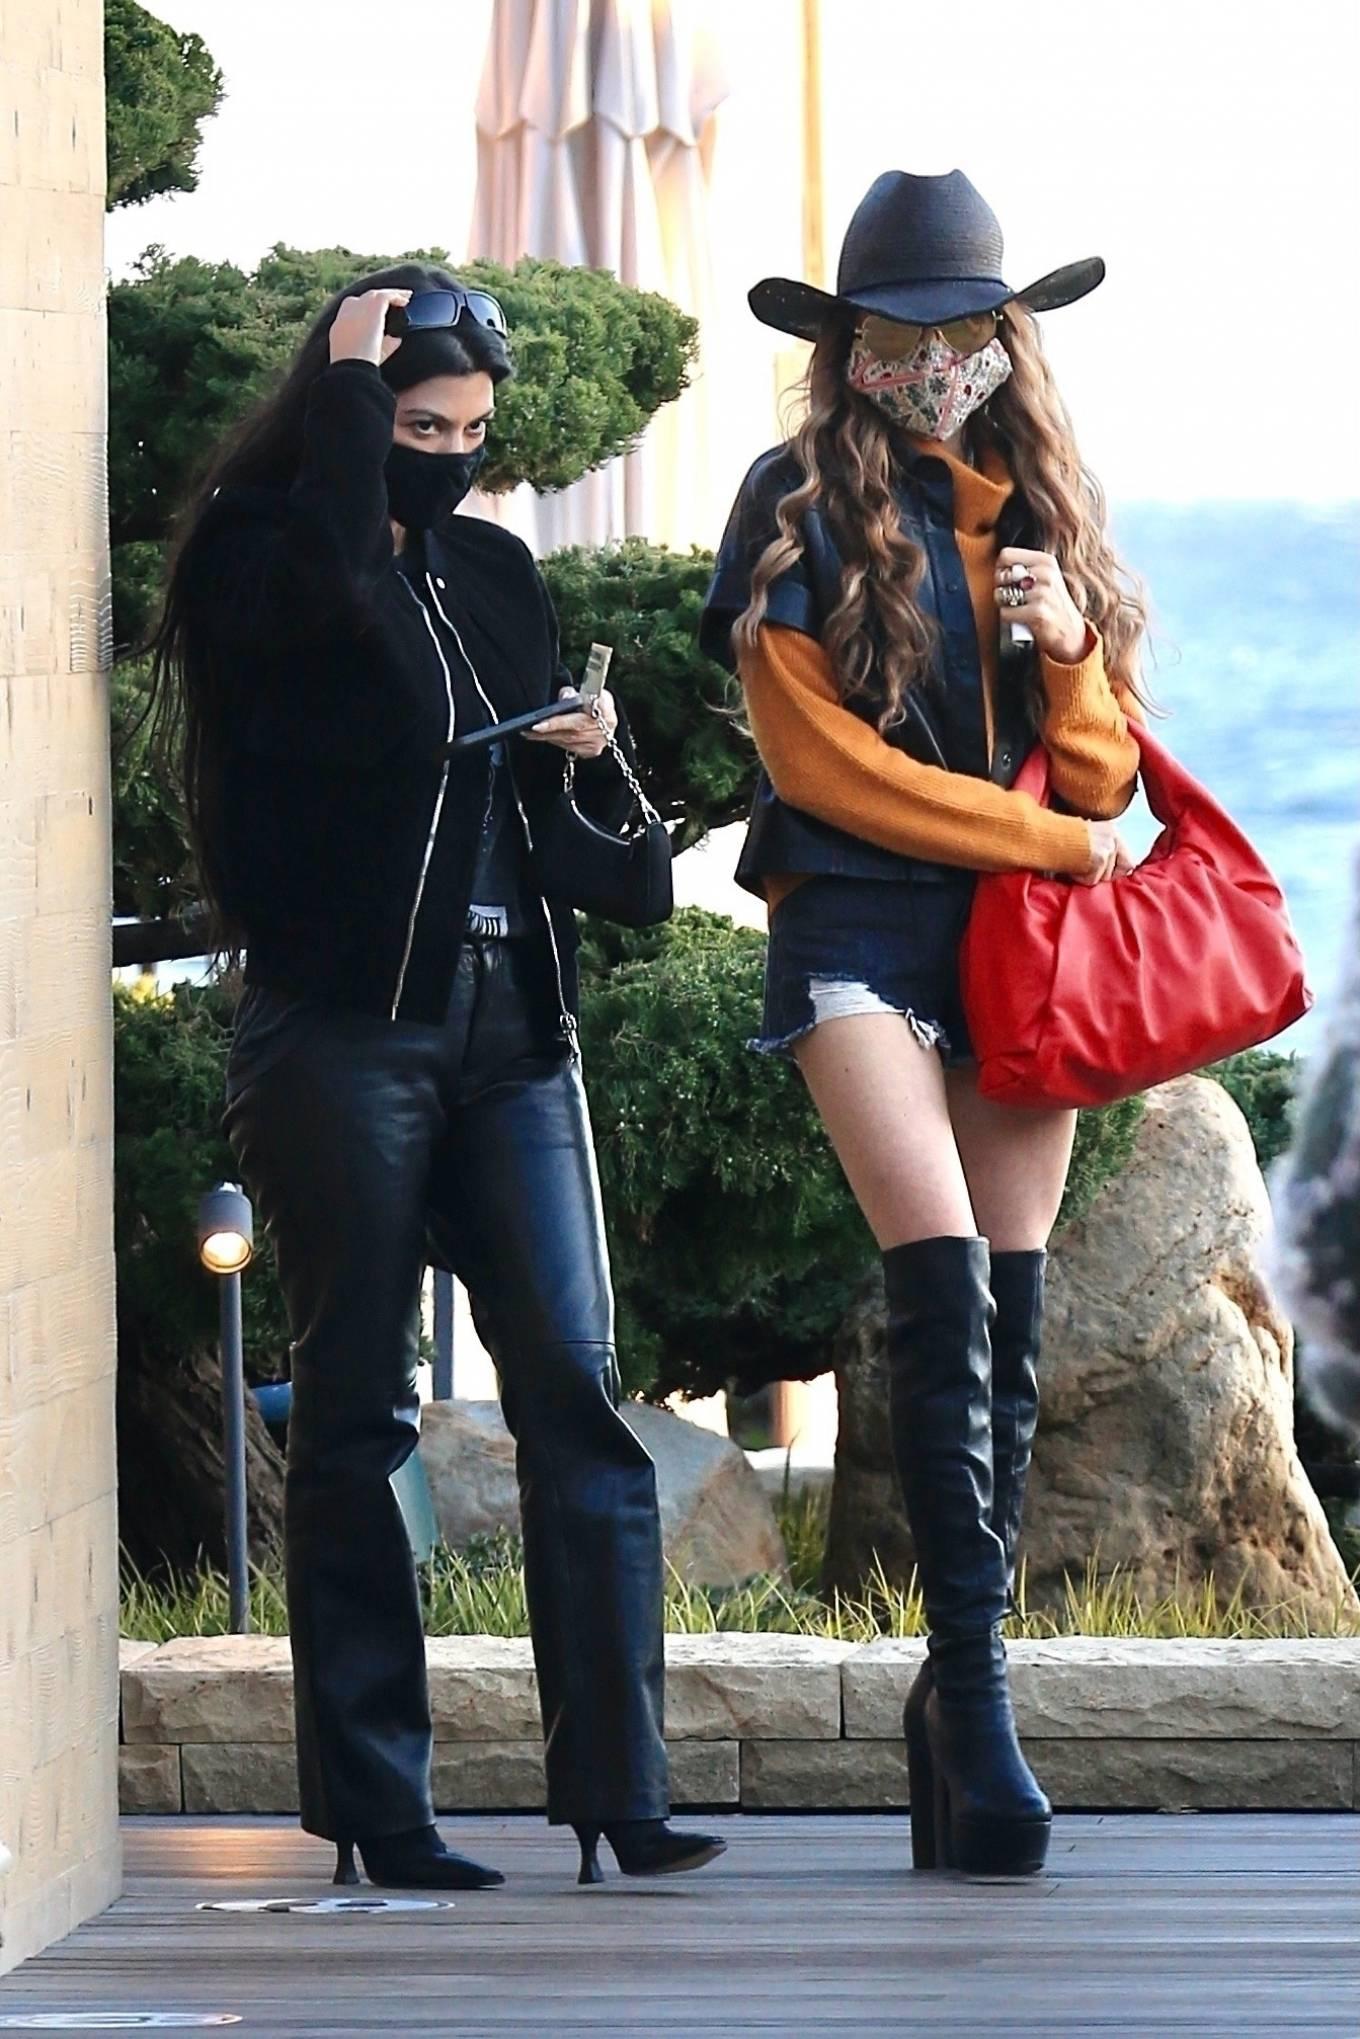 Kourtney Kardashian - With a friend at Nobu in Malibu